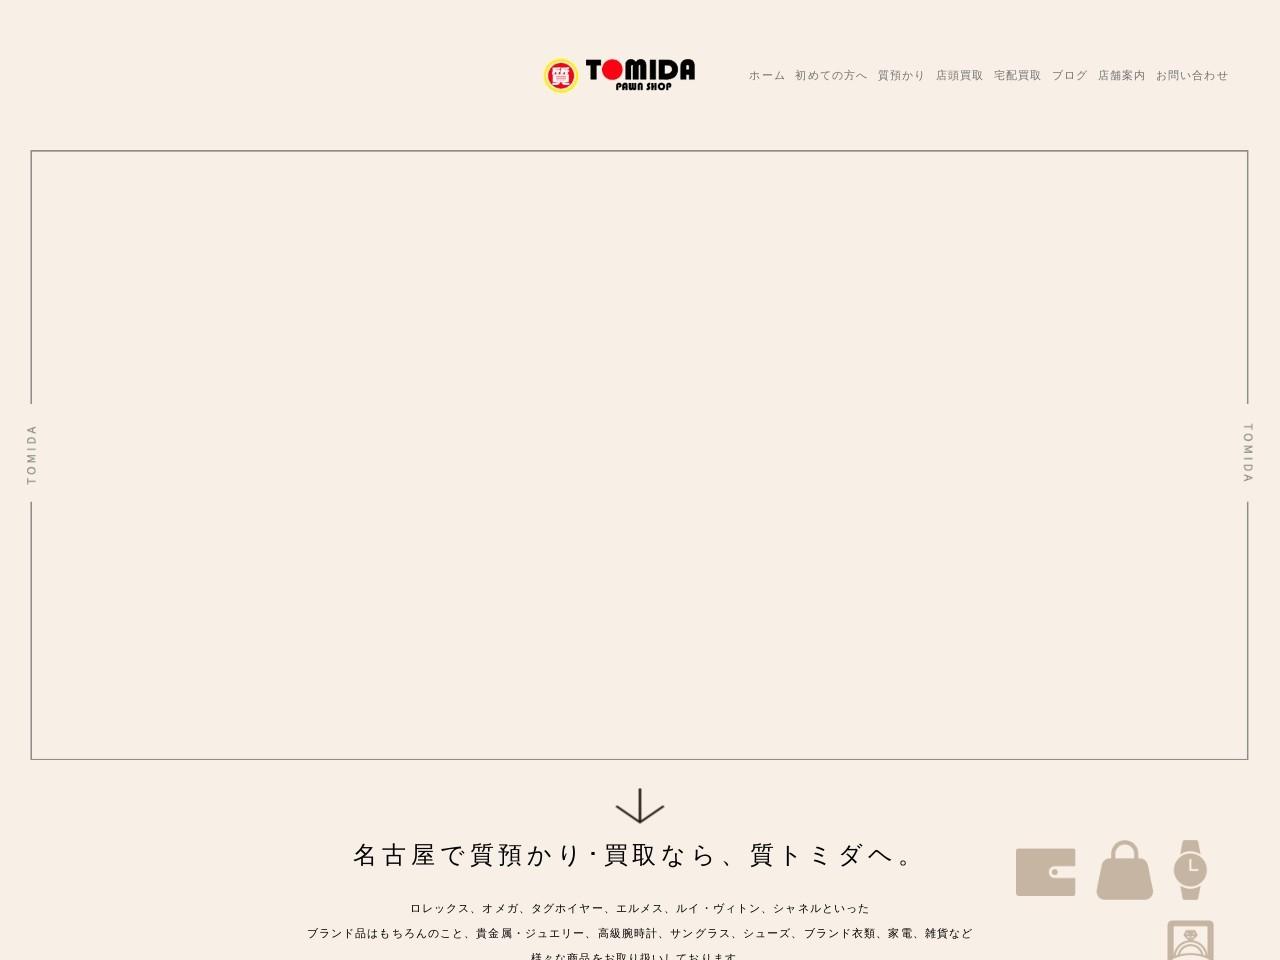 質屋トミダ 質SHOP冨田 販売と買取と質 金 プラチナ 高価買取 名古屋の質屋